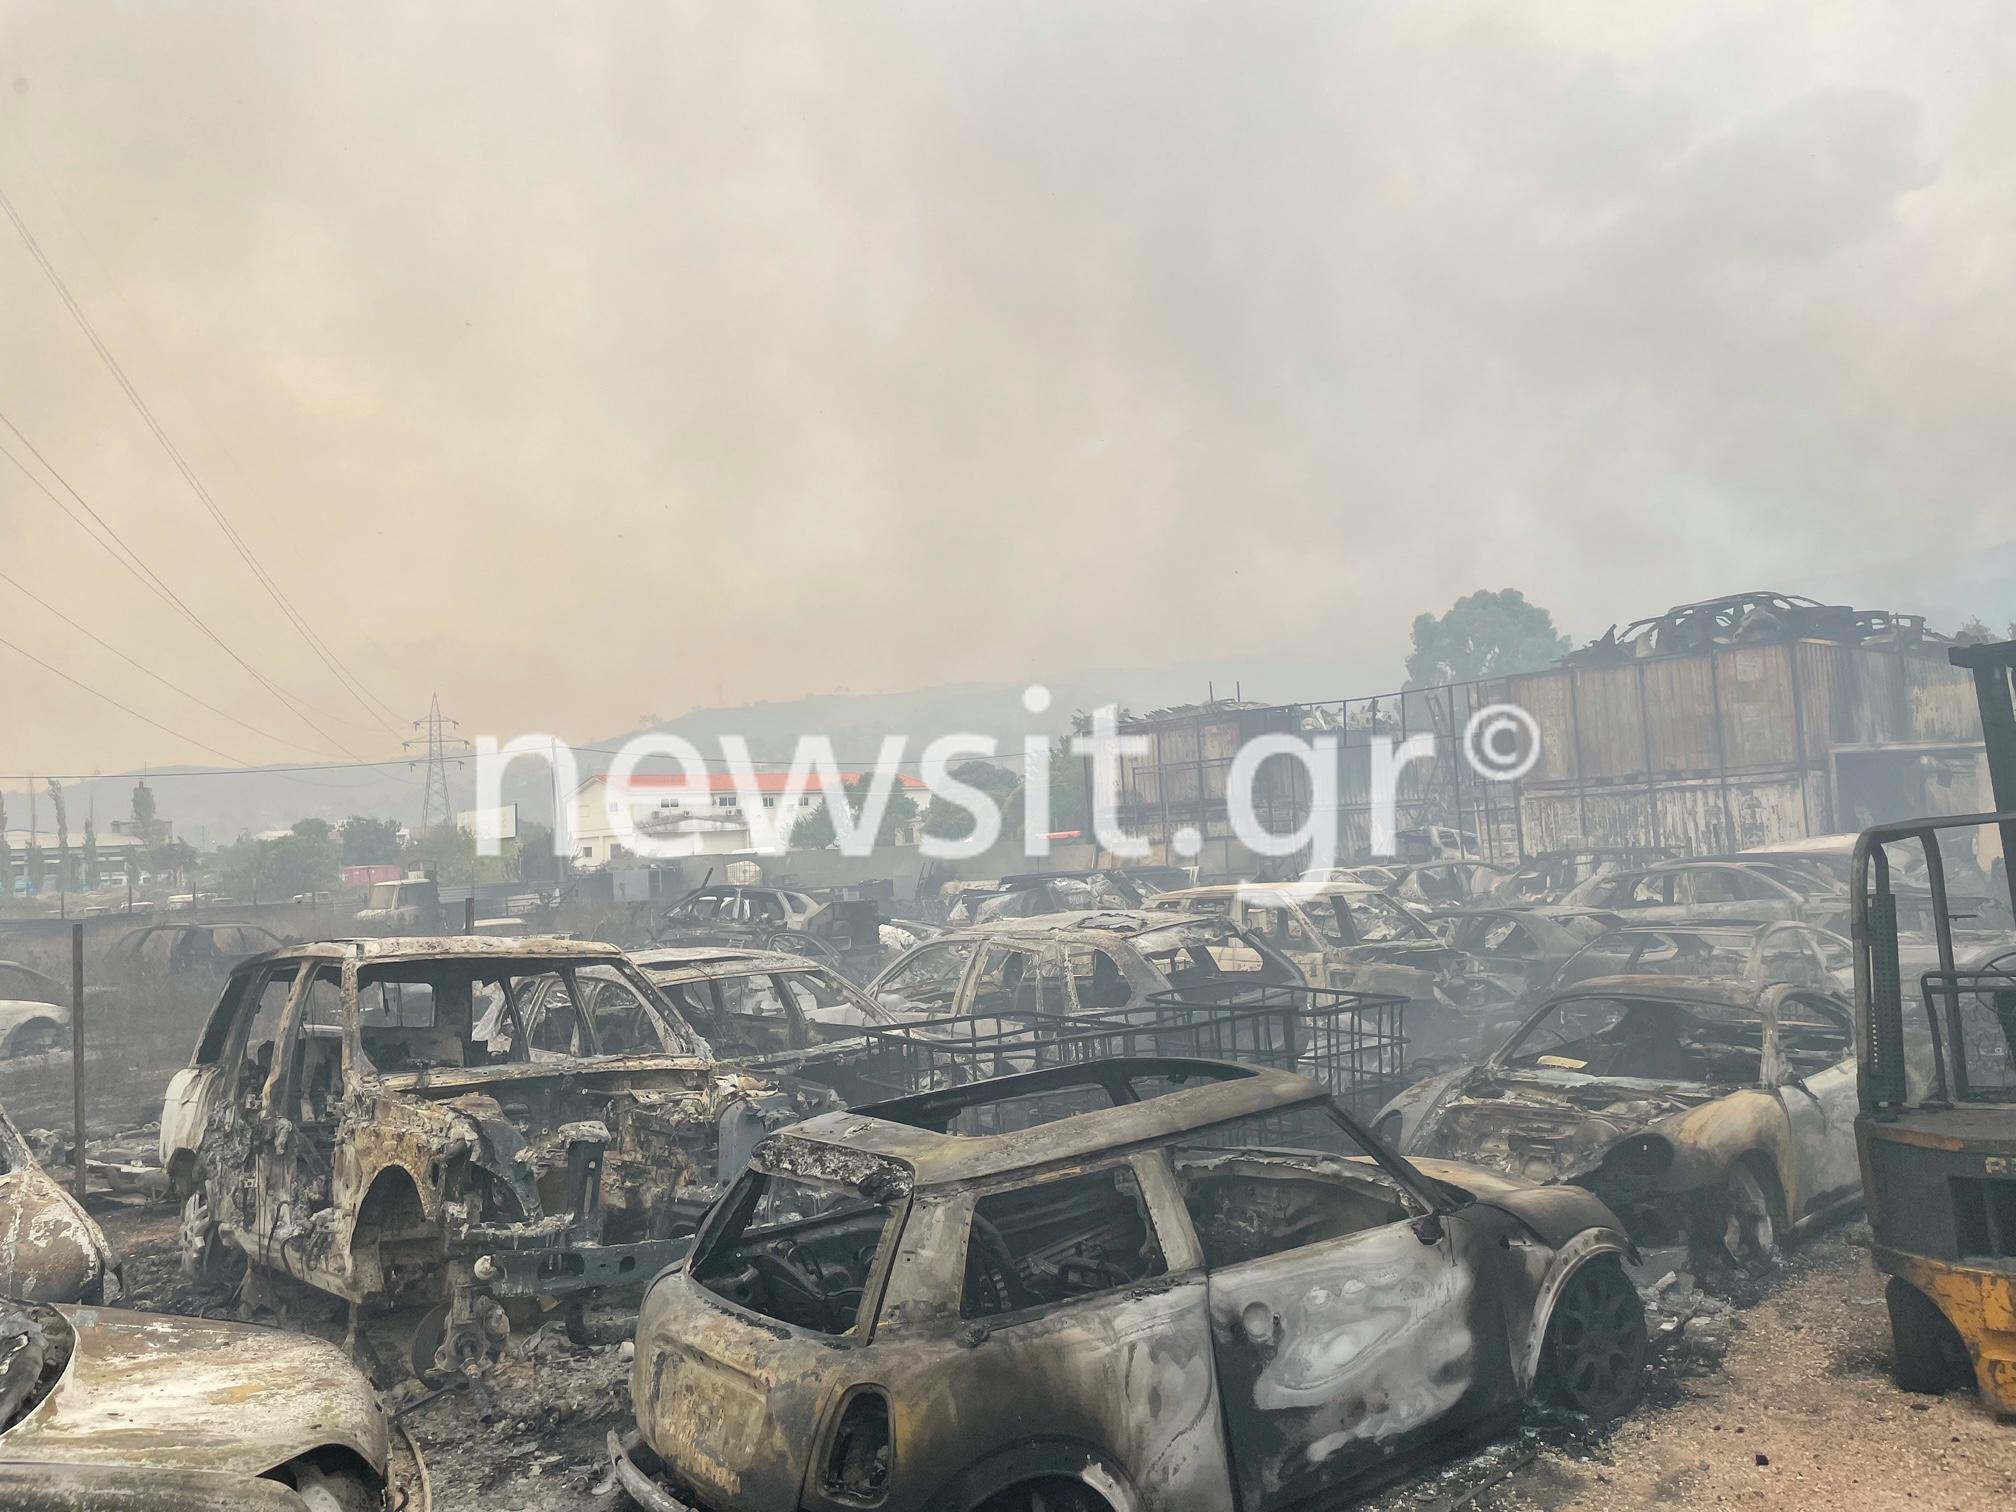 Φωτιά στην Αττική: Κάηκαν πάνω από 100 αυτοκίνητα στην μάντρα στις Αφίδνες